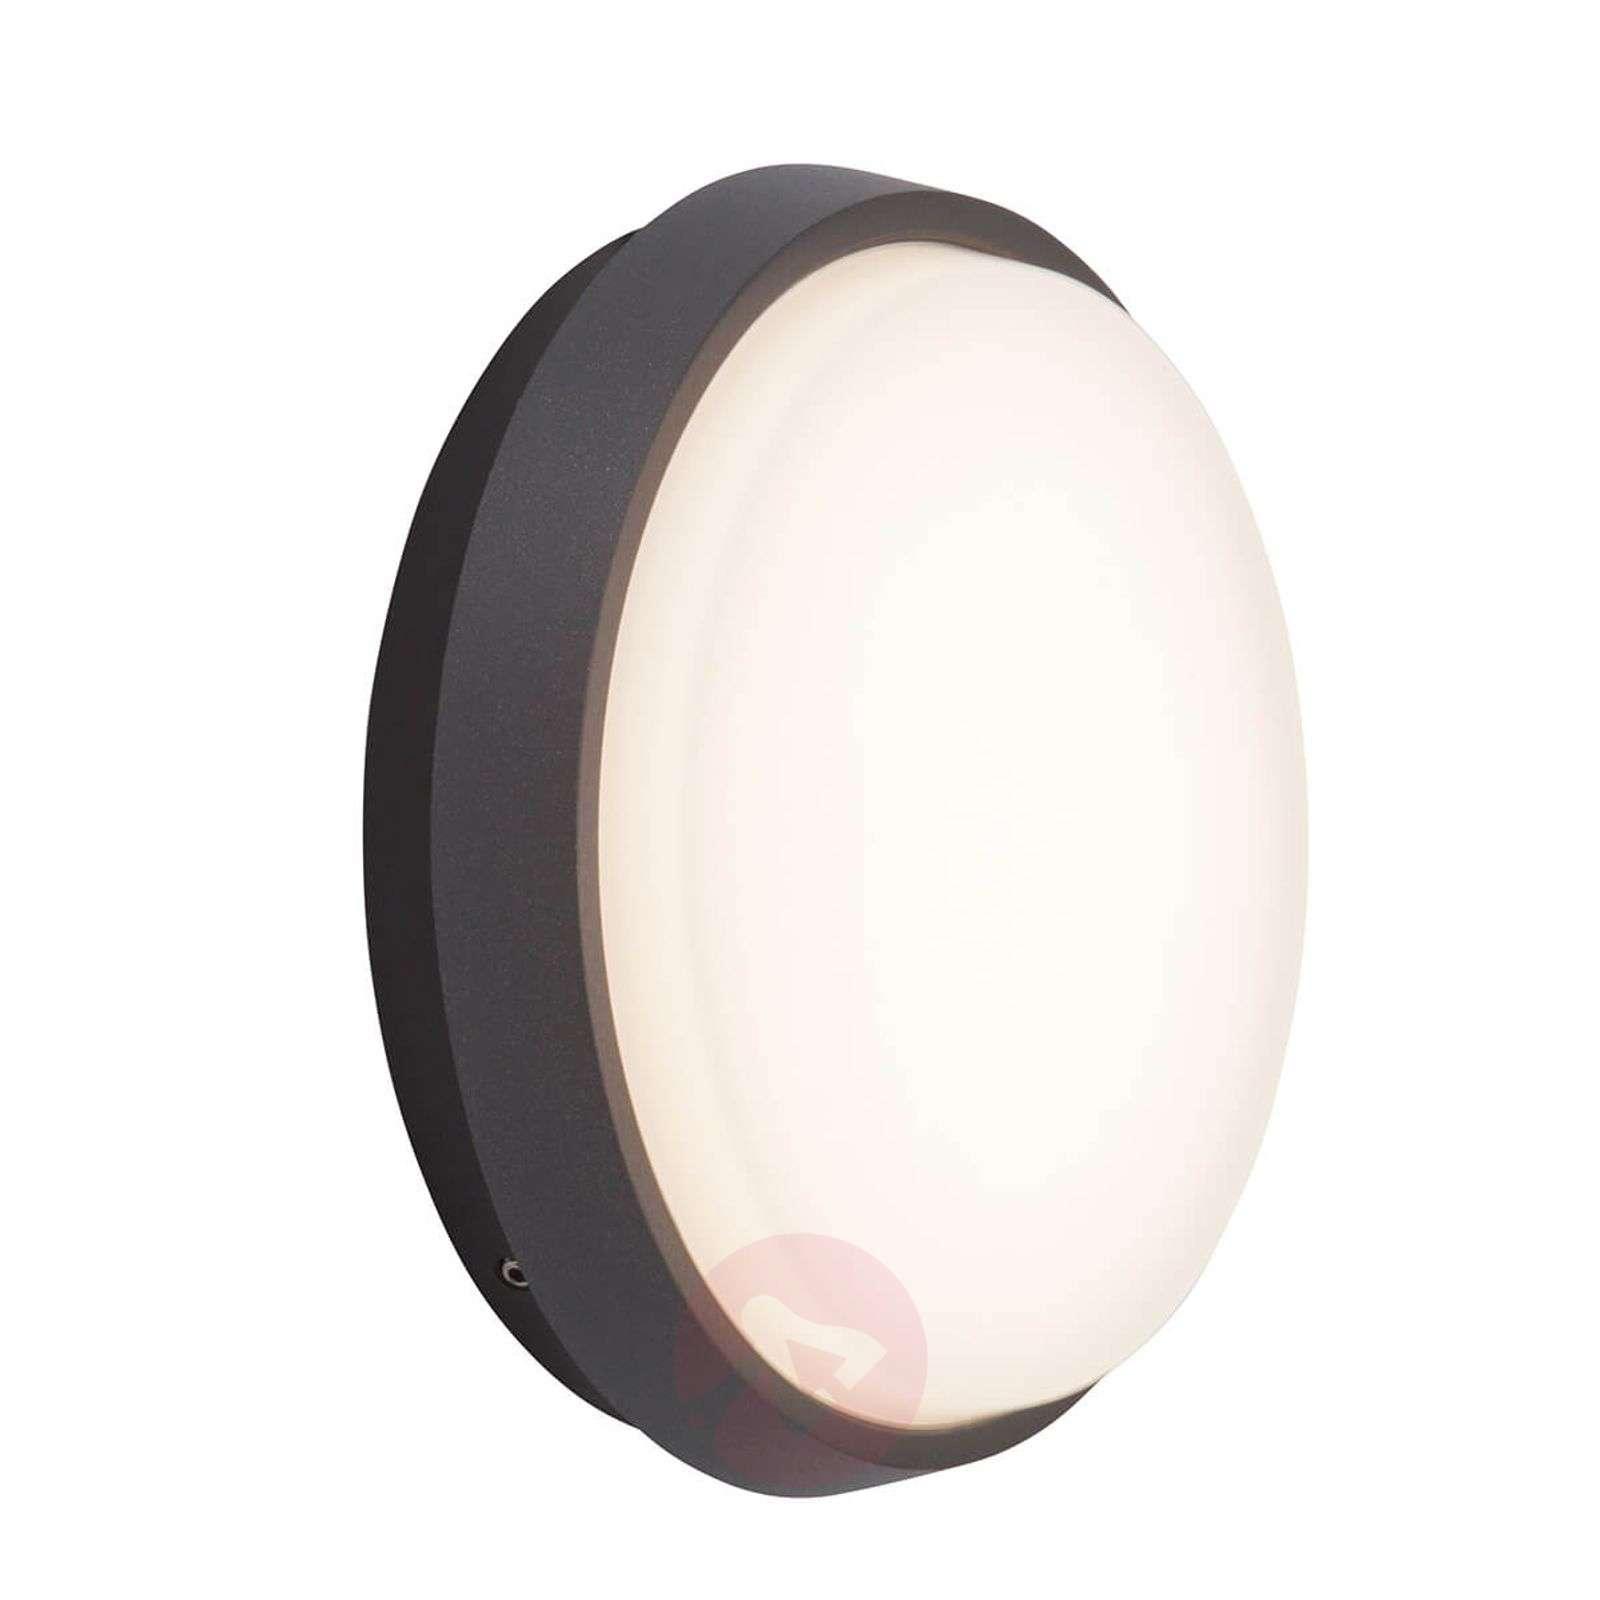 Letan Round LED-ulkoseinävalaisin 9 W-3057119-01